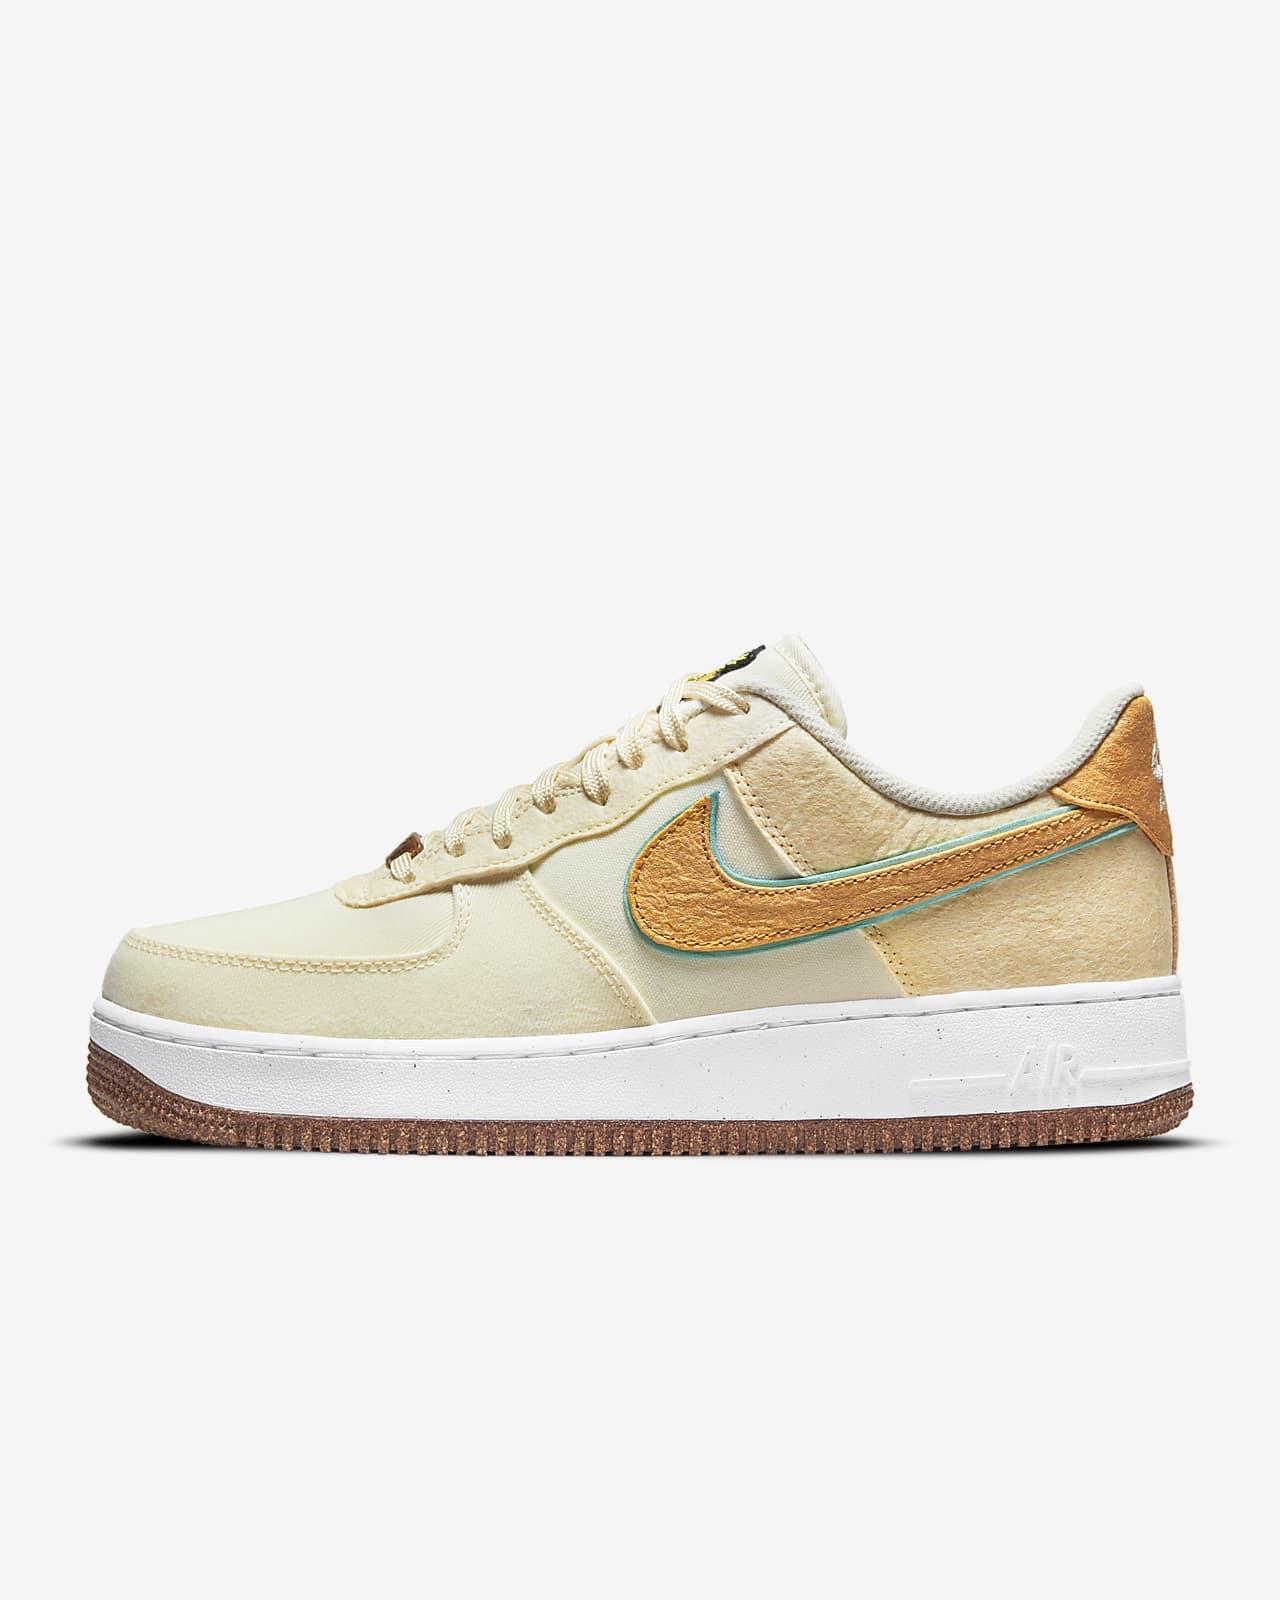 Chaussure Nike Air Force 1 '07 Premium